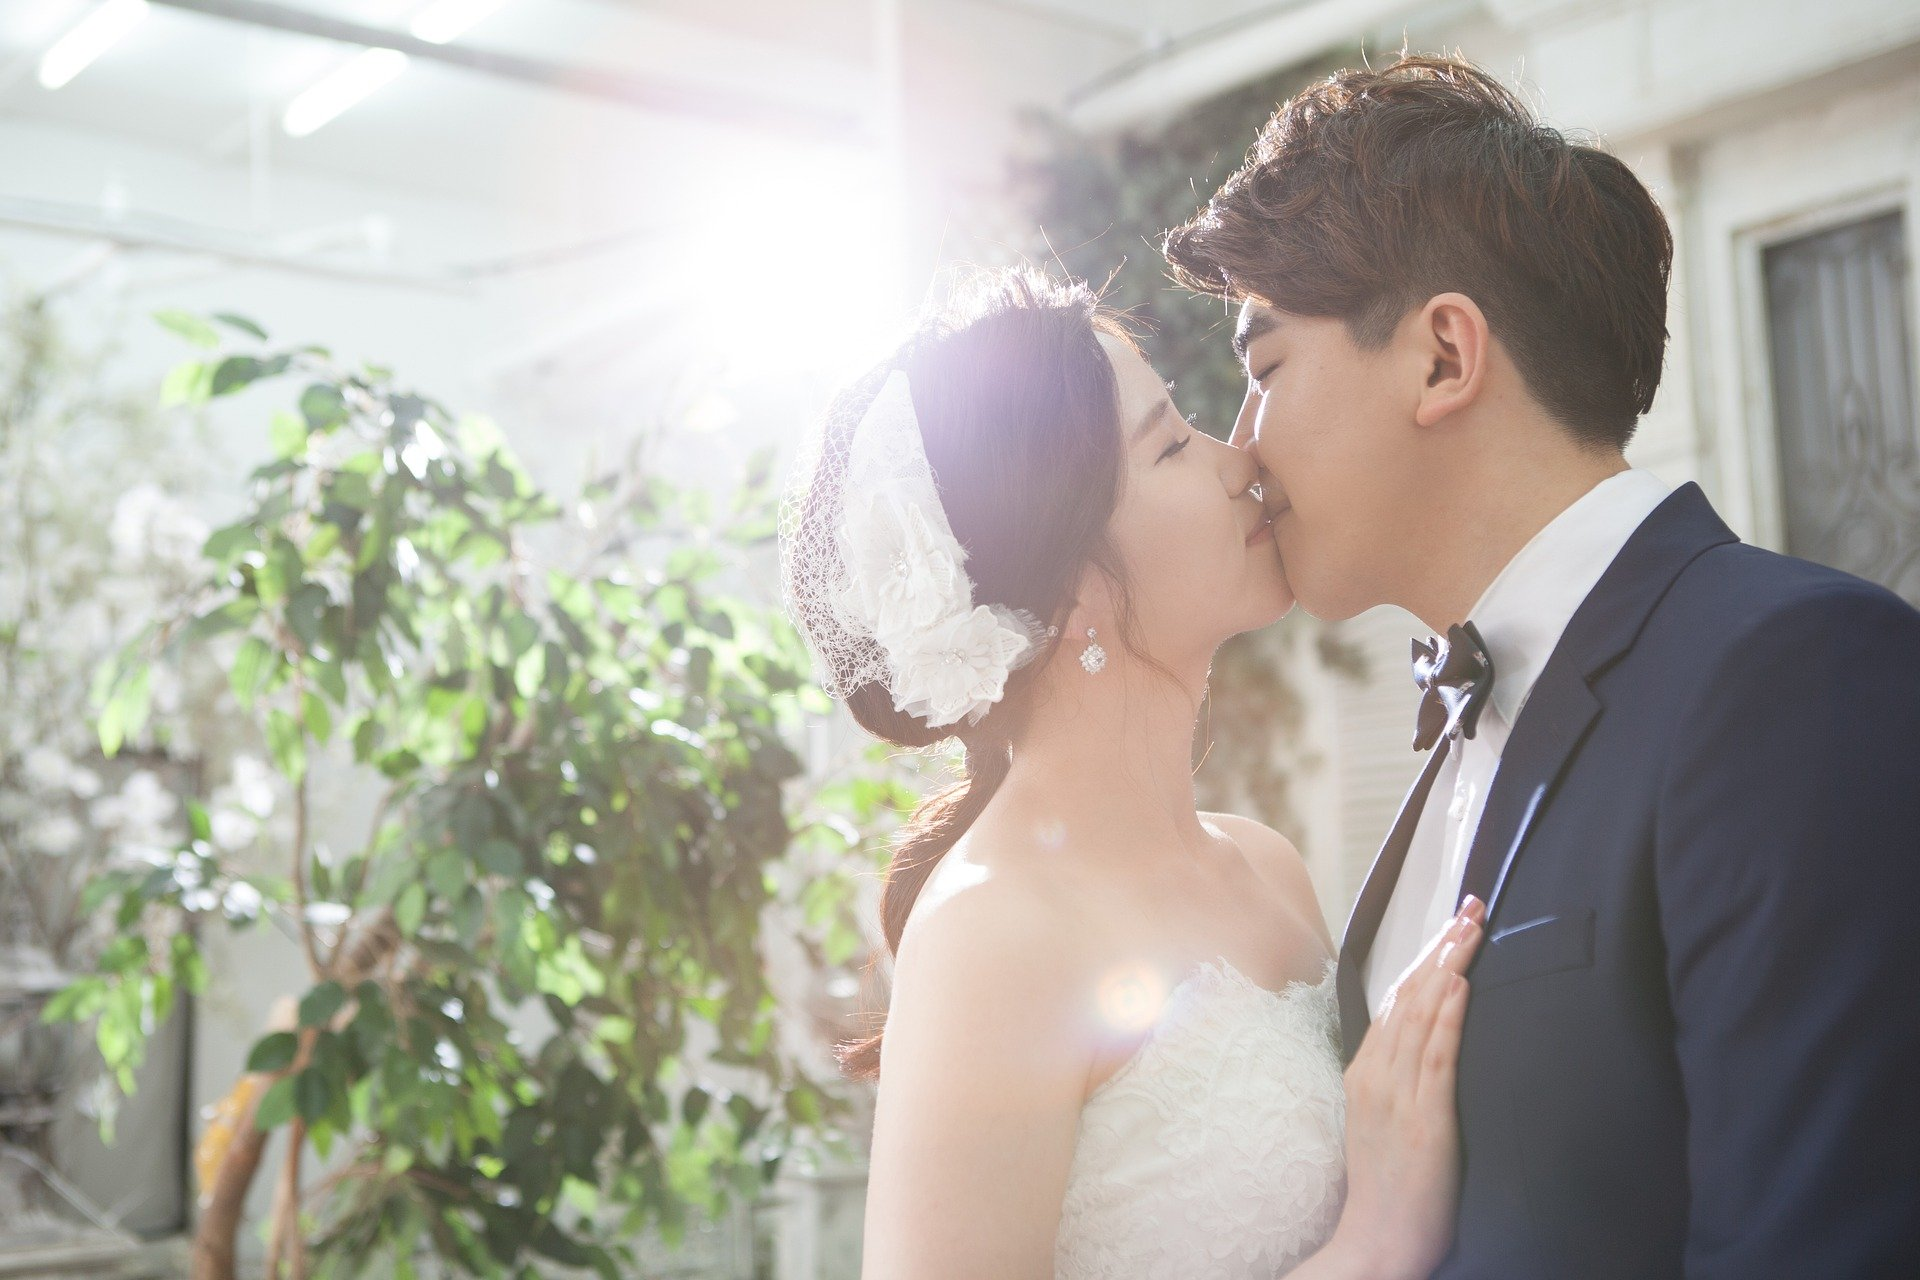 Wedding couple kissing    Photo: Pixabay